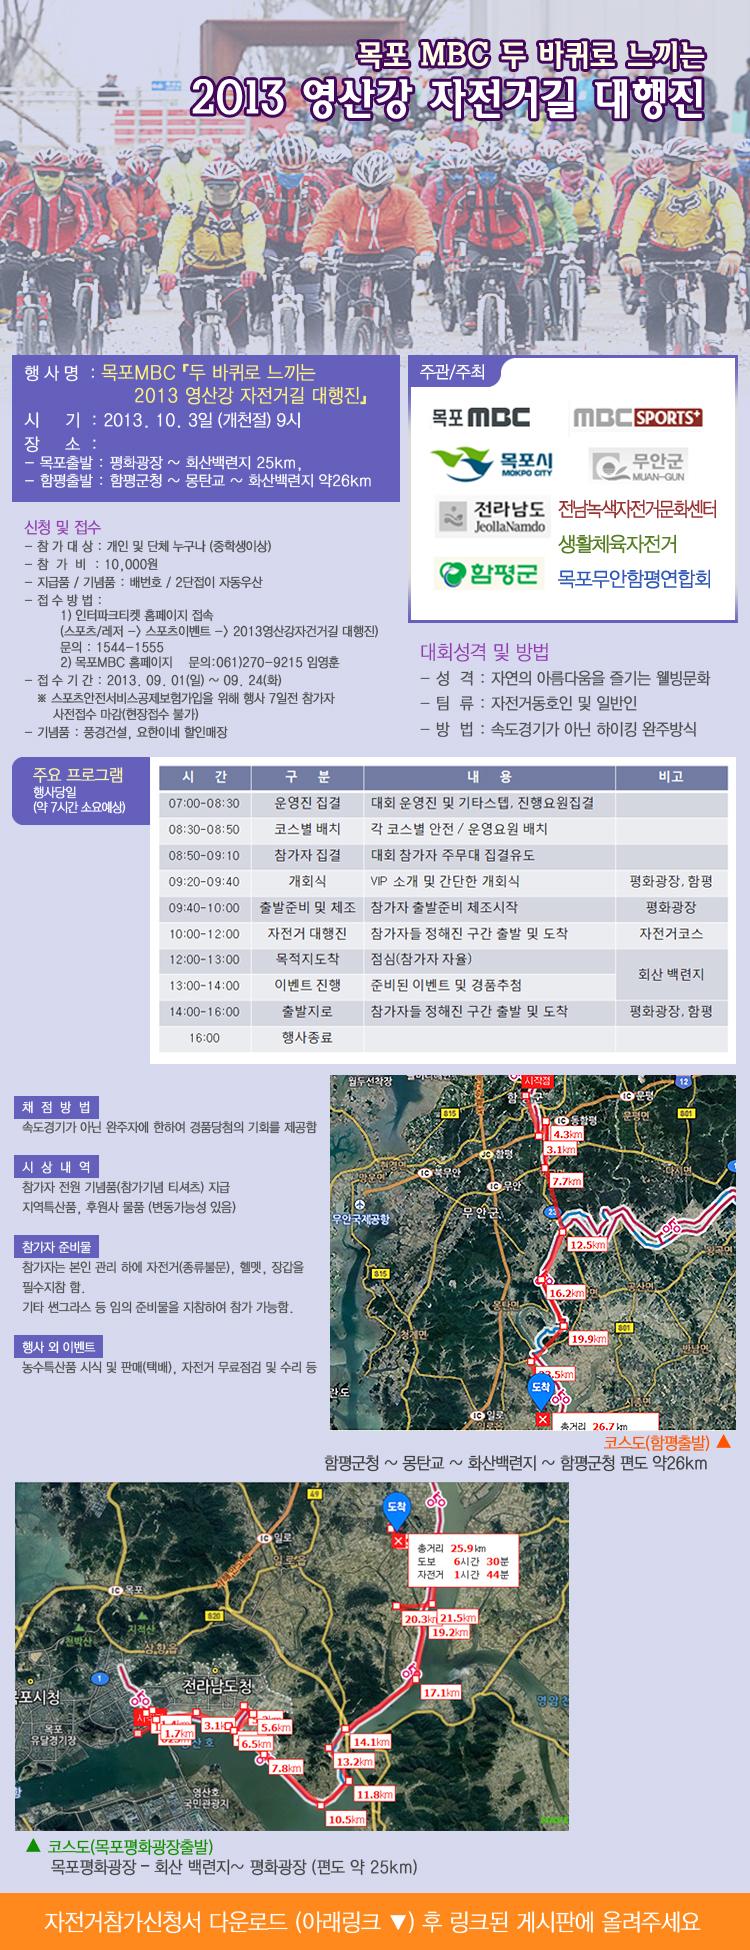 두 바퀴로 느끼는 2013 영산강 자전거길 대행진 행사정보